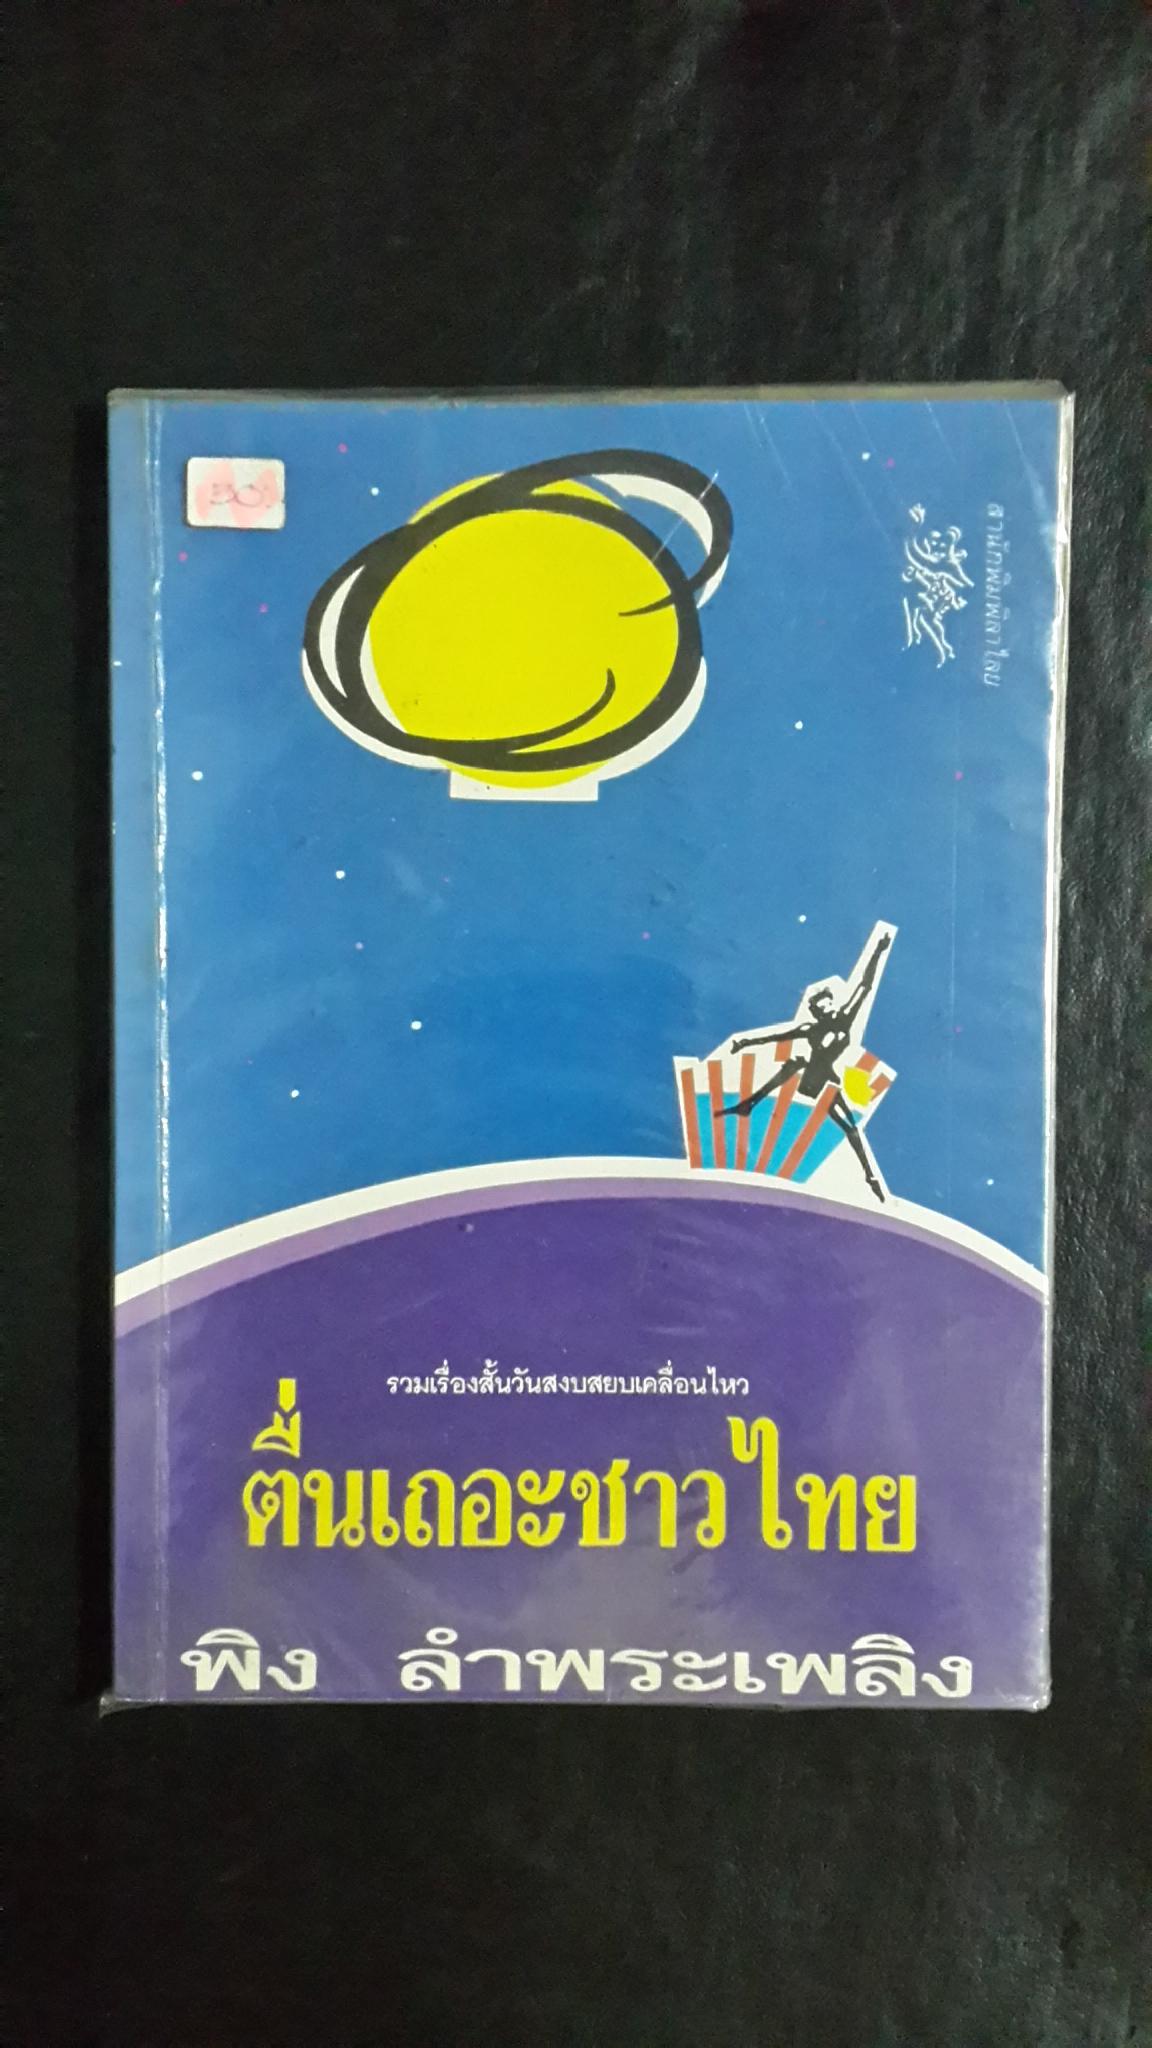 ตื่นเถอะชาวไทย / พิง ลำพระเพลิง